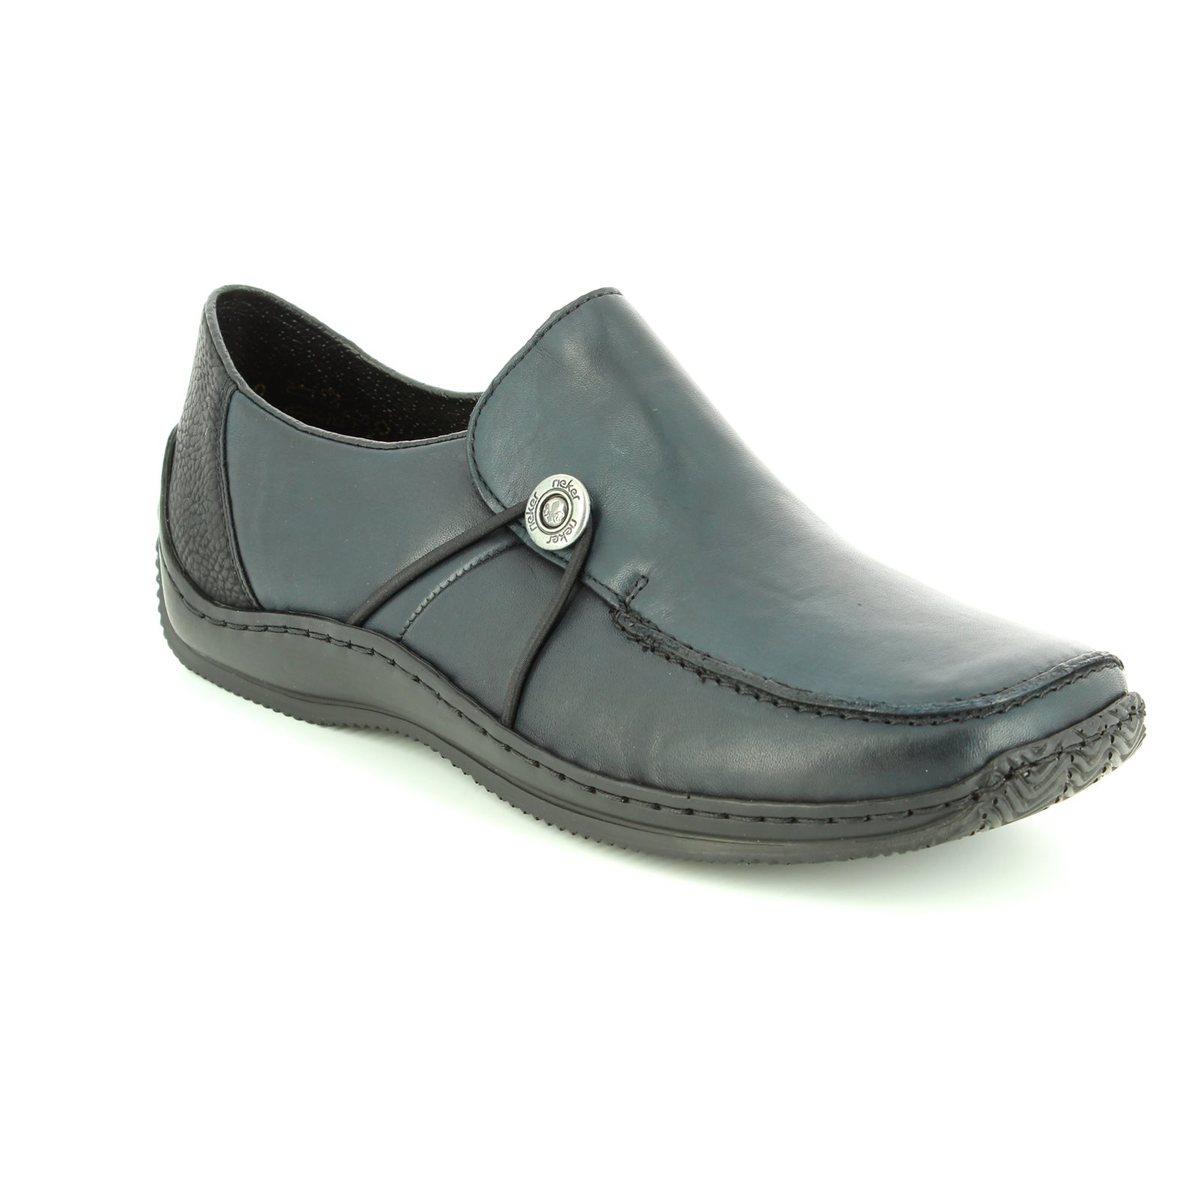 7d93c10eb1 Rieker Comfort Shoes - Navy - L1781-14 CELIA 62